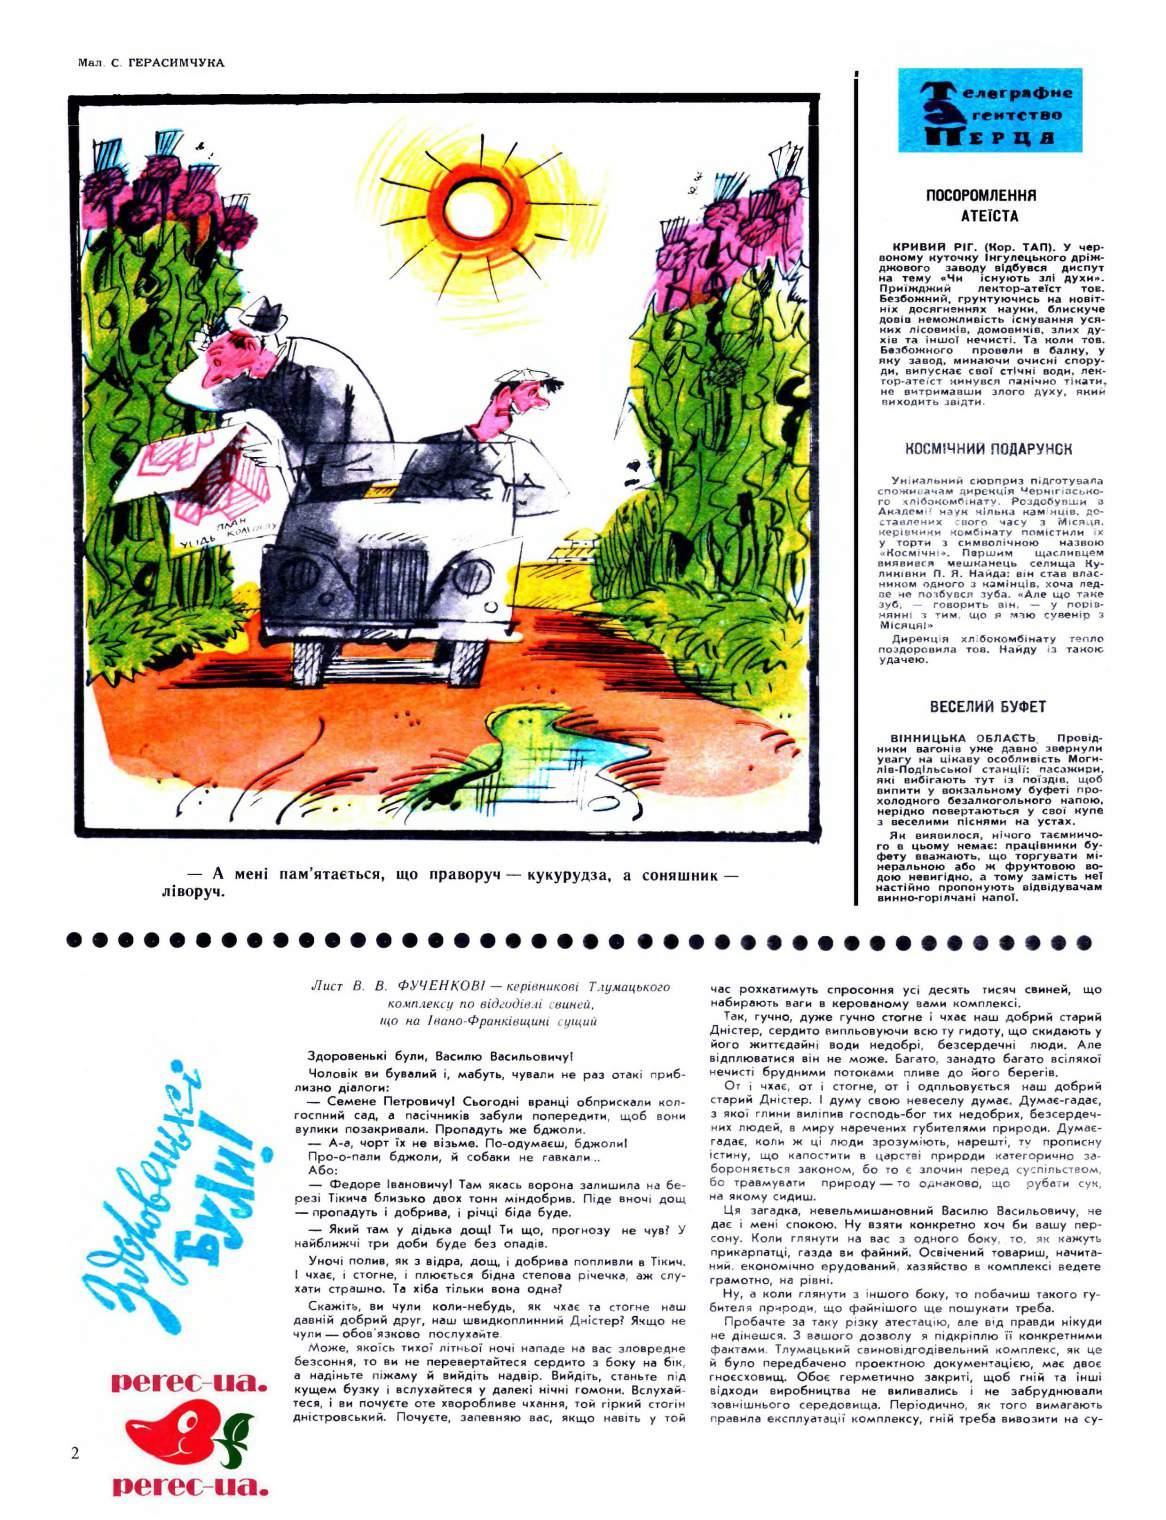 Журнал перець 1975 №11